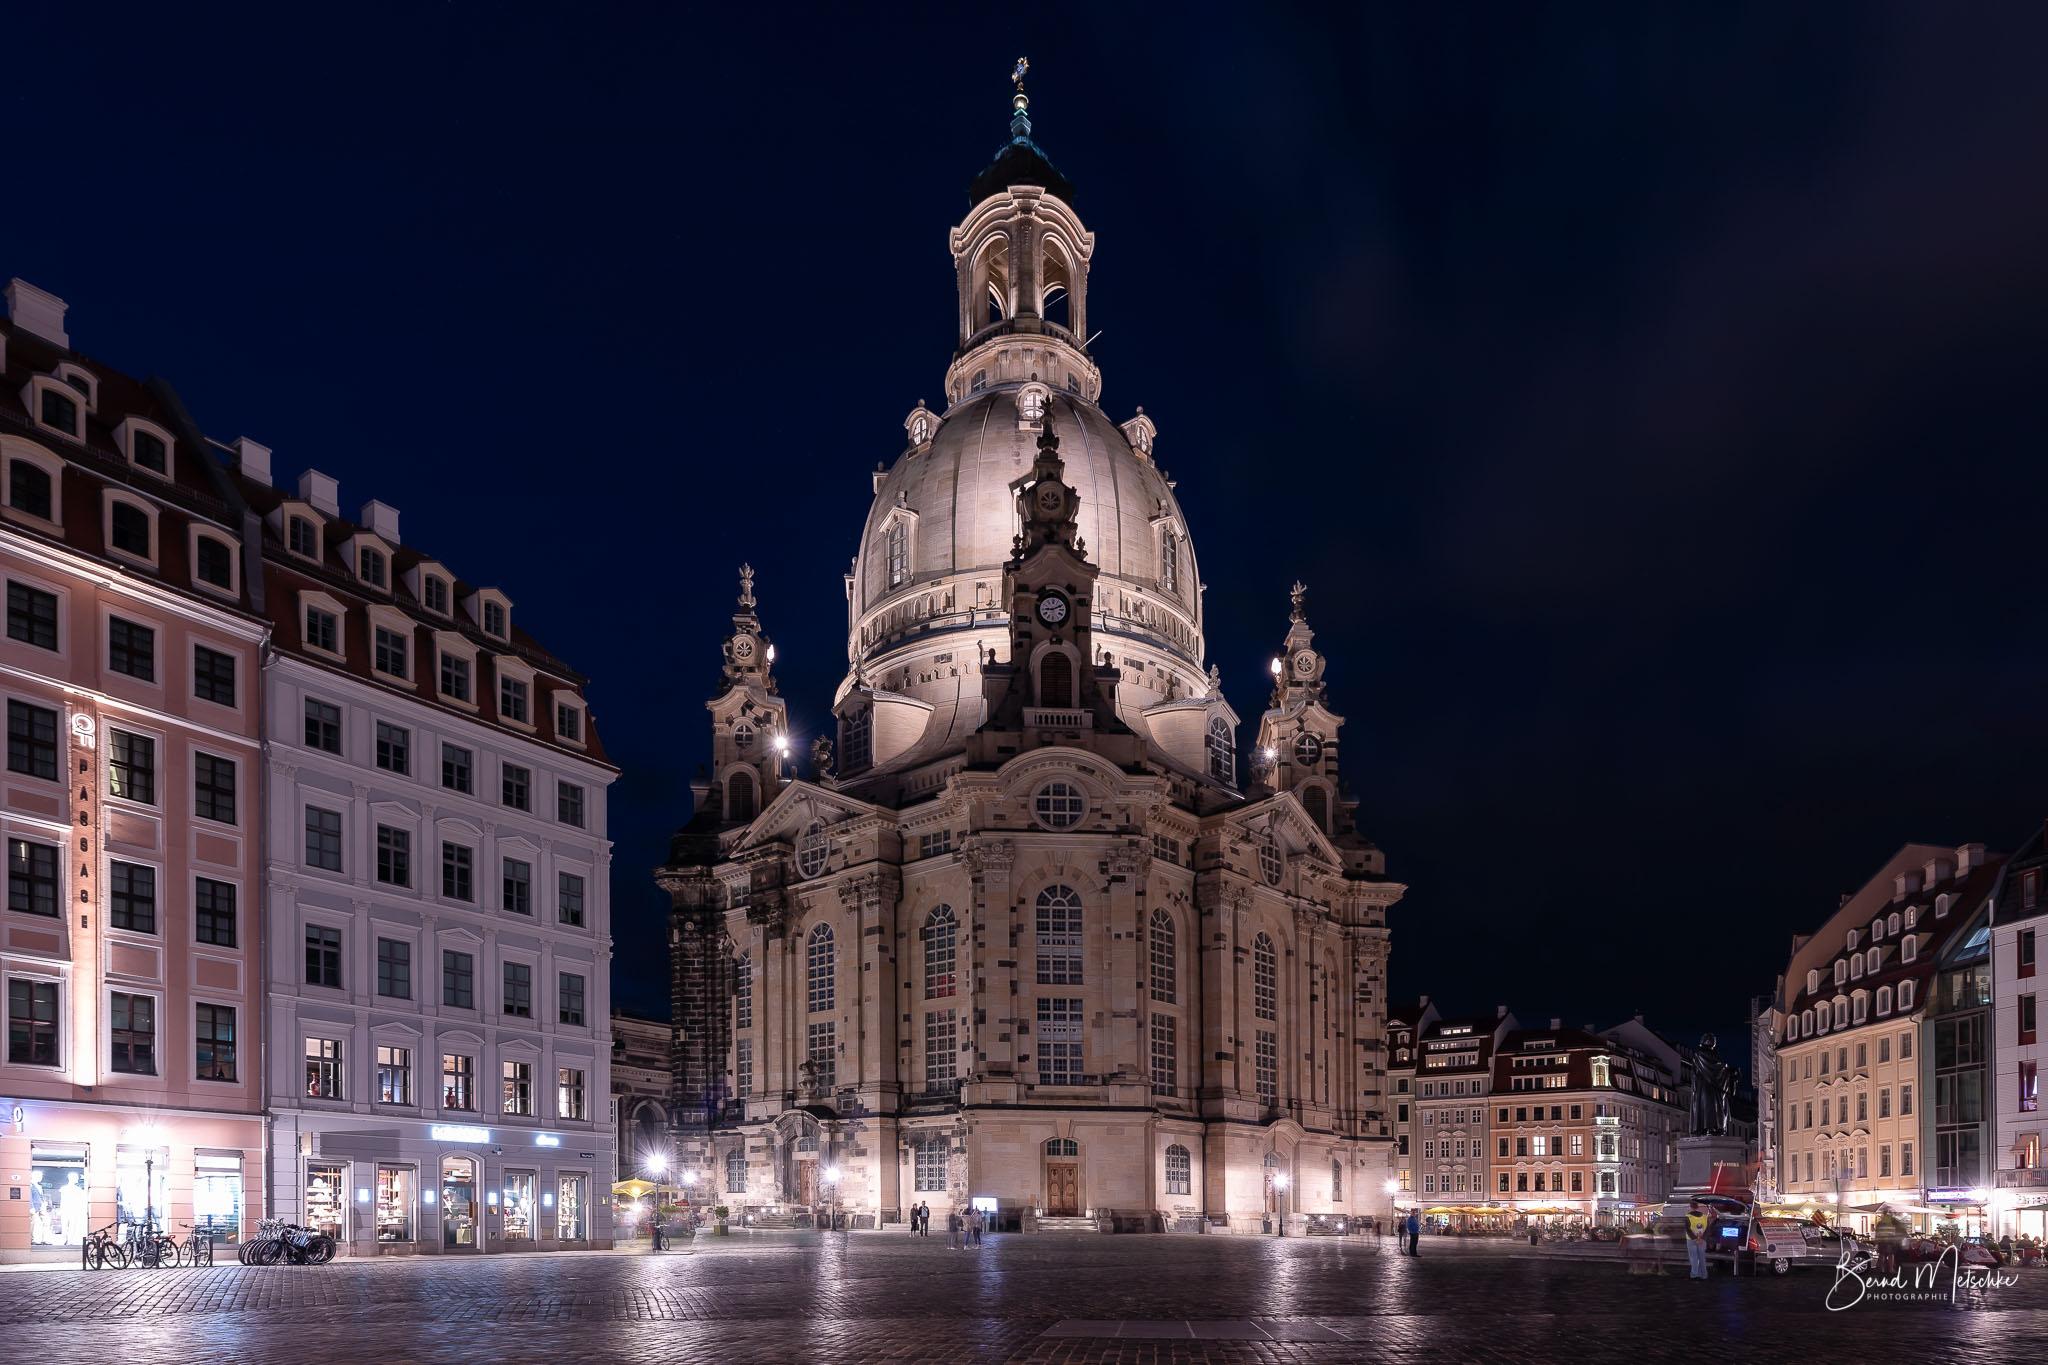 Die Frauenkirche: Das berühmteste Wahrzeichen Dresdens